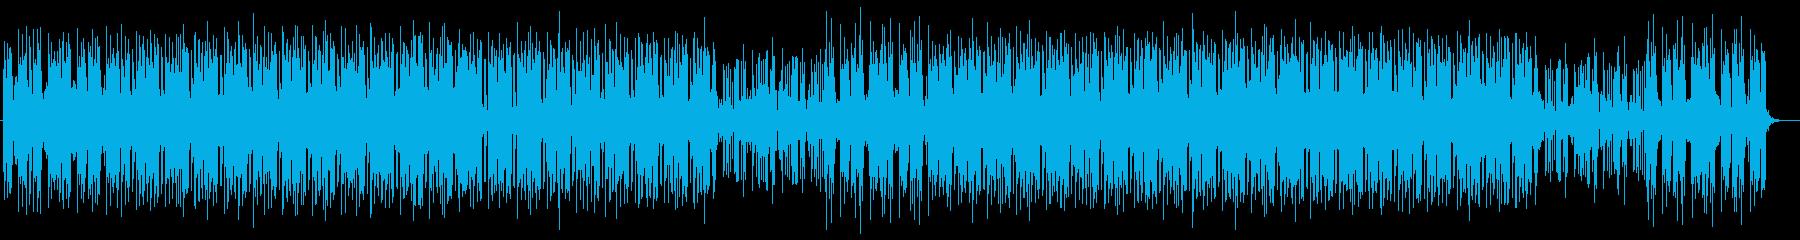 格好良いシンセサイザーサウンドの再生済みの波形